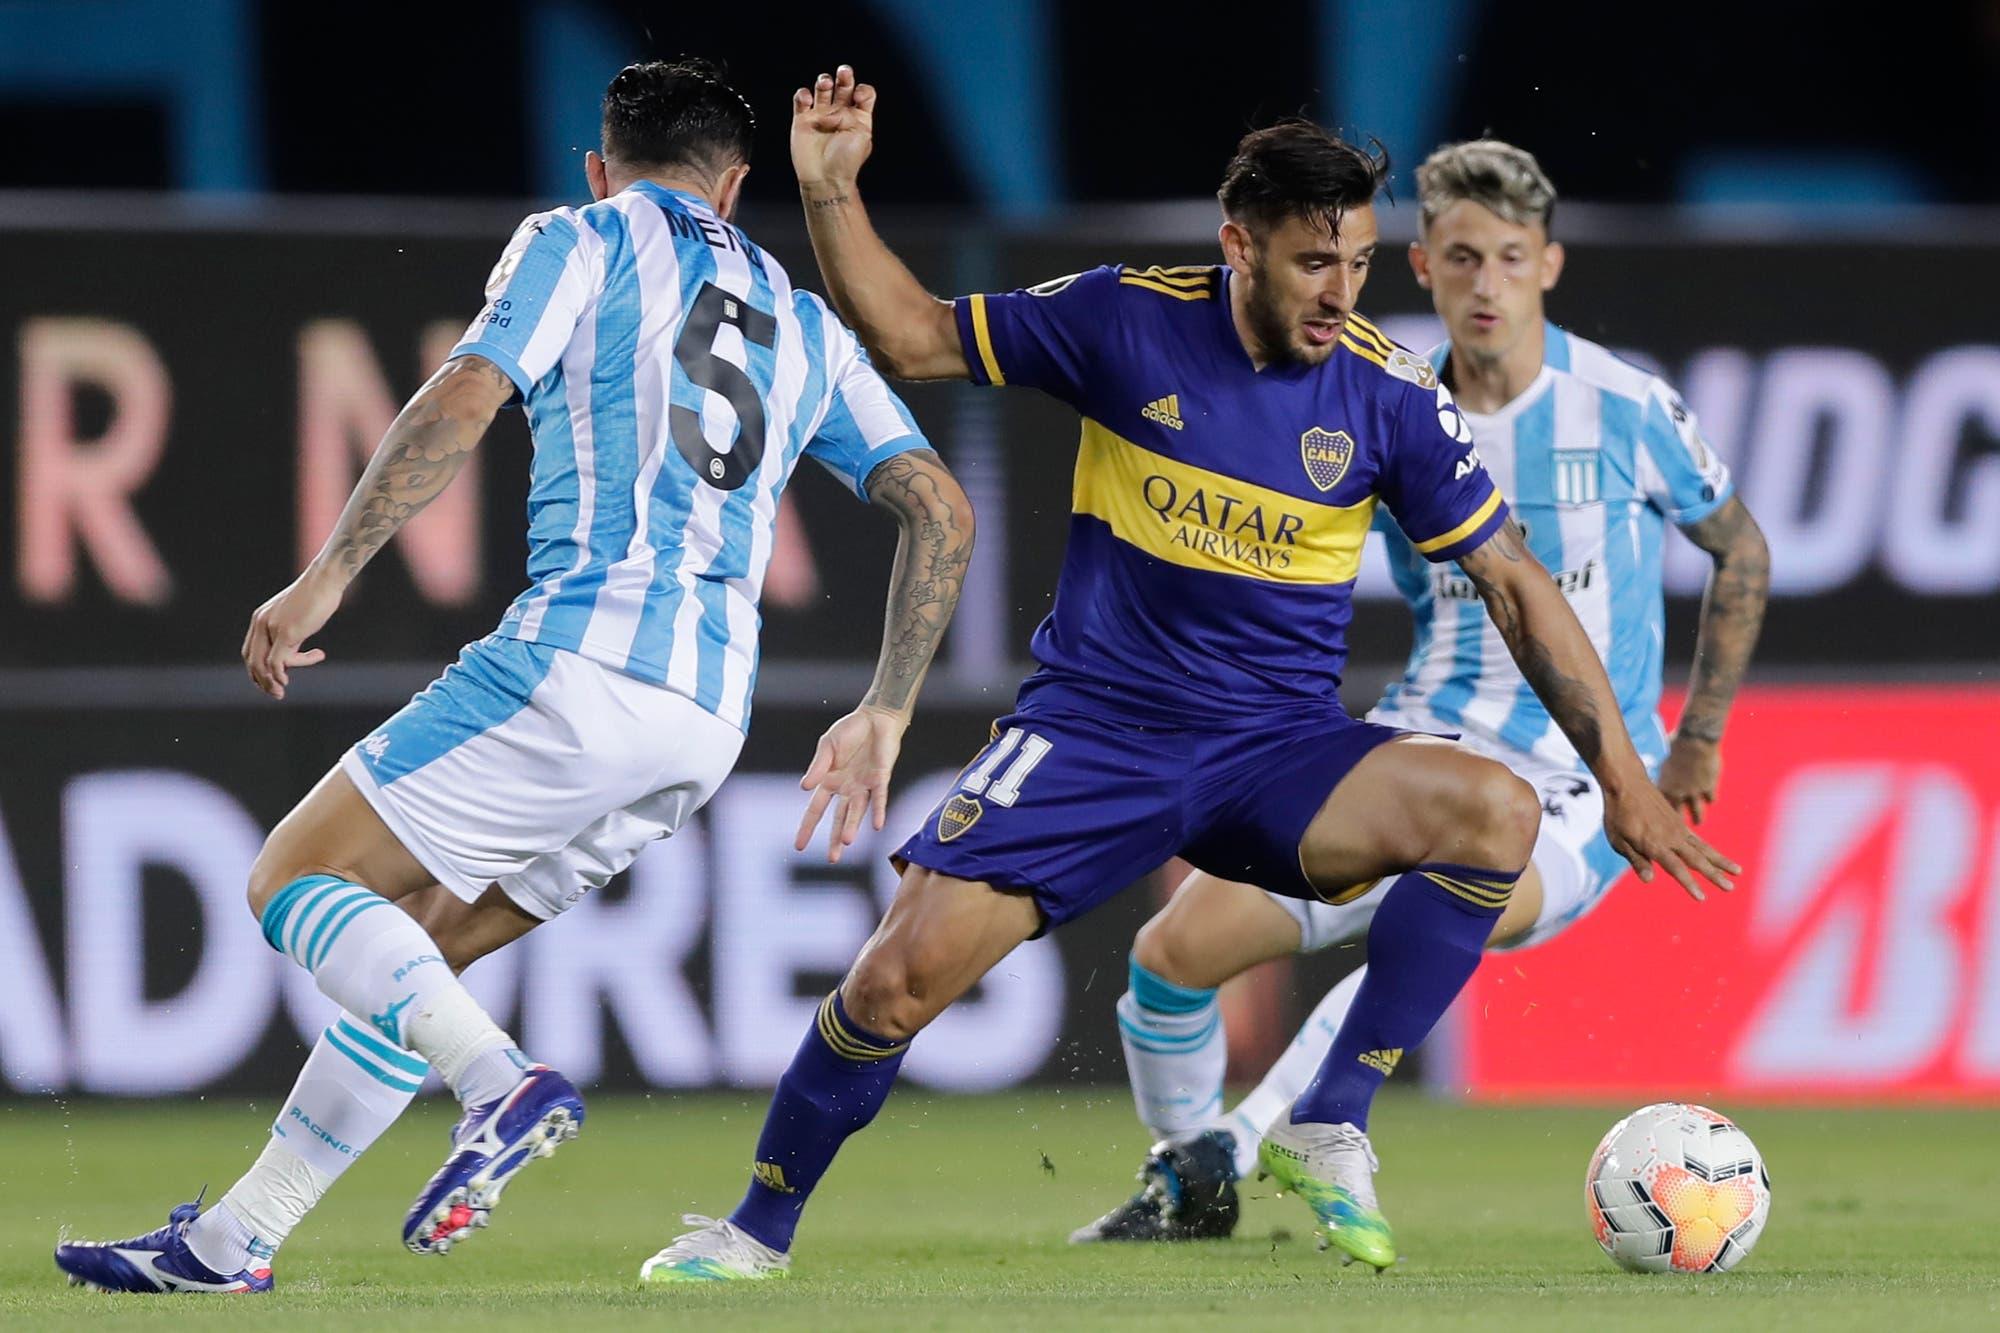 Boca-Racing: la necesidad de arriesgar sin recibir goles, un dilema para Miguel Russo